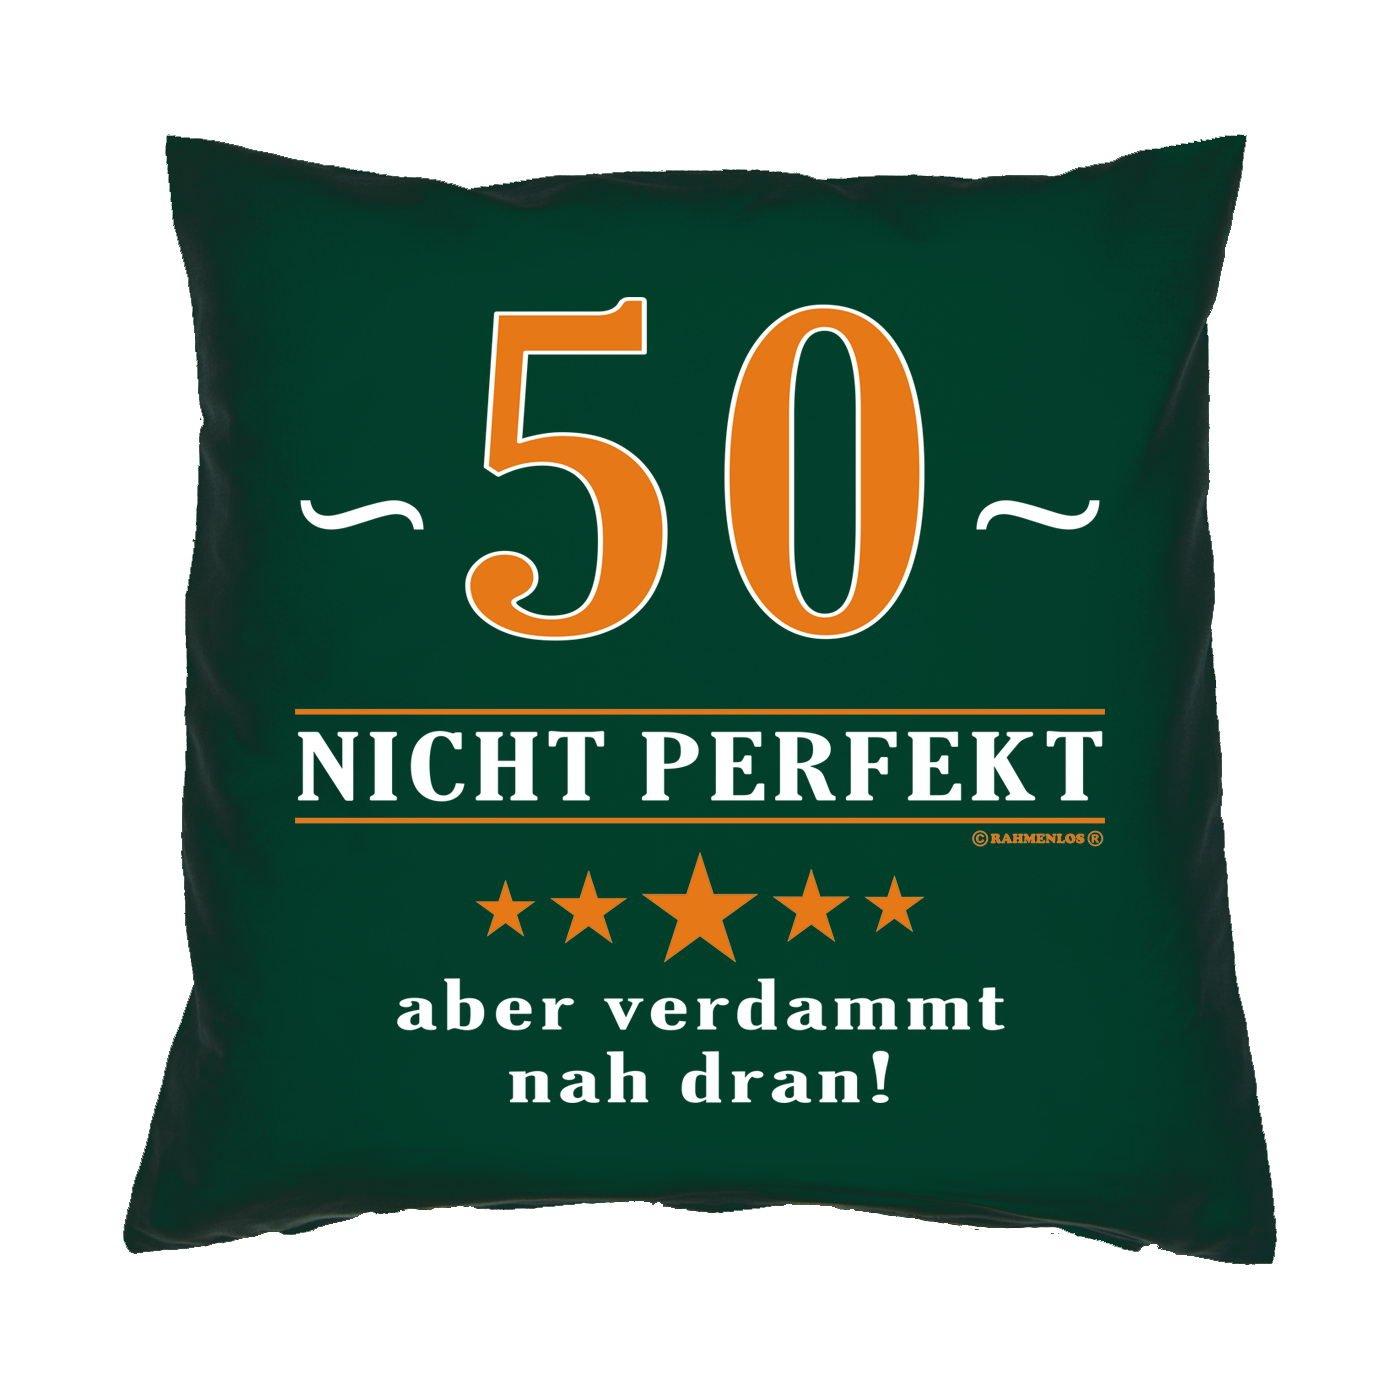 Kissen mit Innenkissen – 50 – nicht perfekt aber verdammt nahe dran! – zum 50. Geburtstag Geschenk – 40 x 40 cm – in dunkel-grün jetzt bestellen